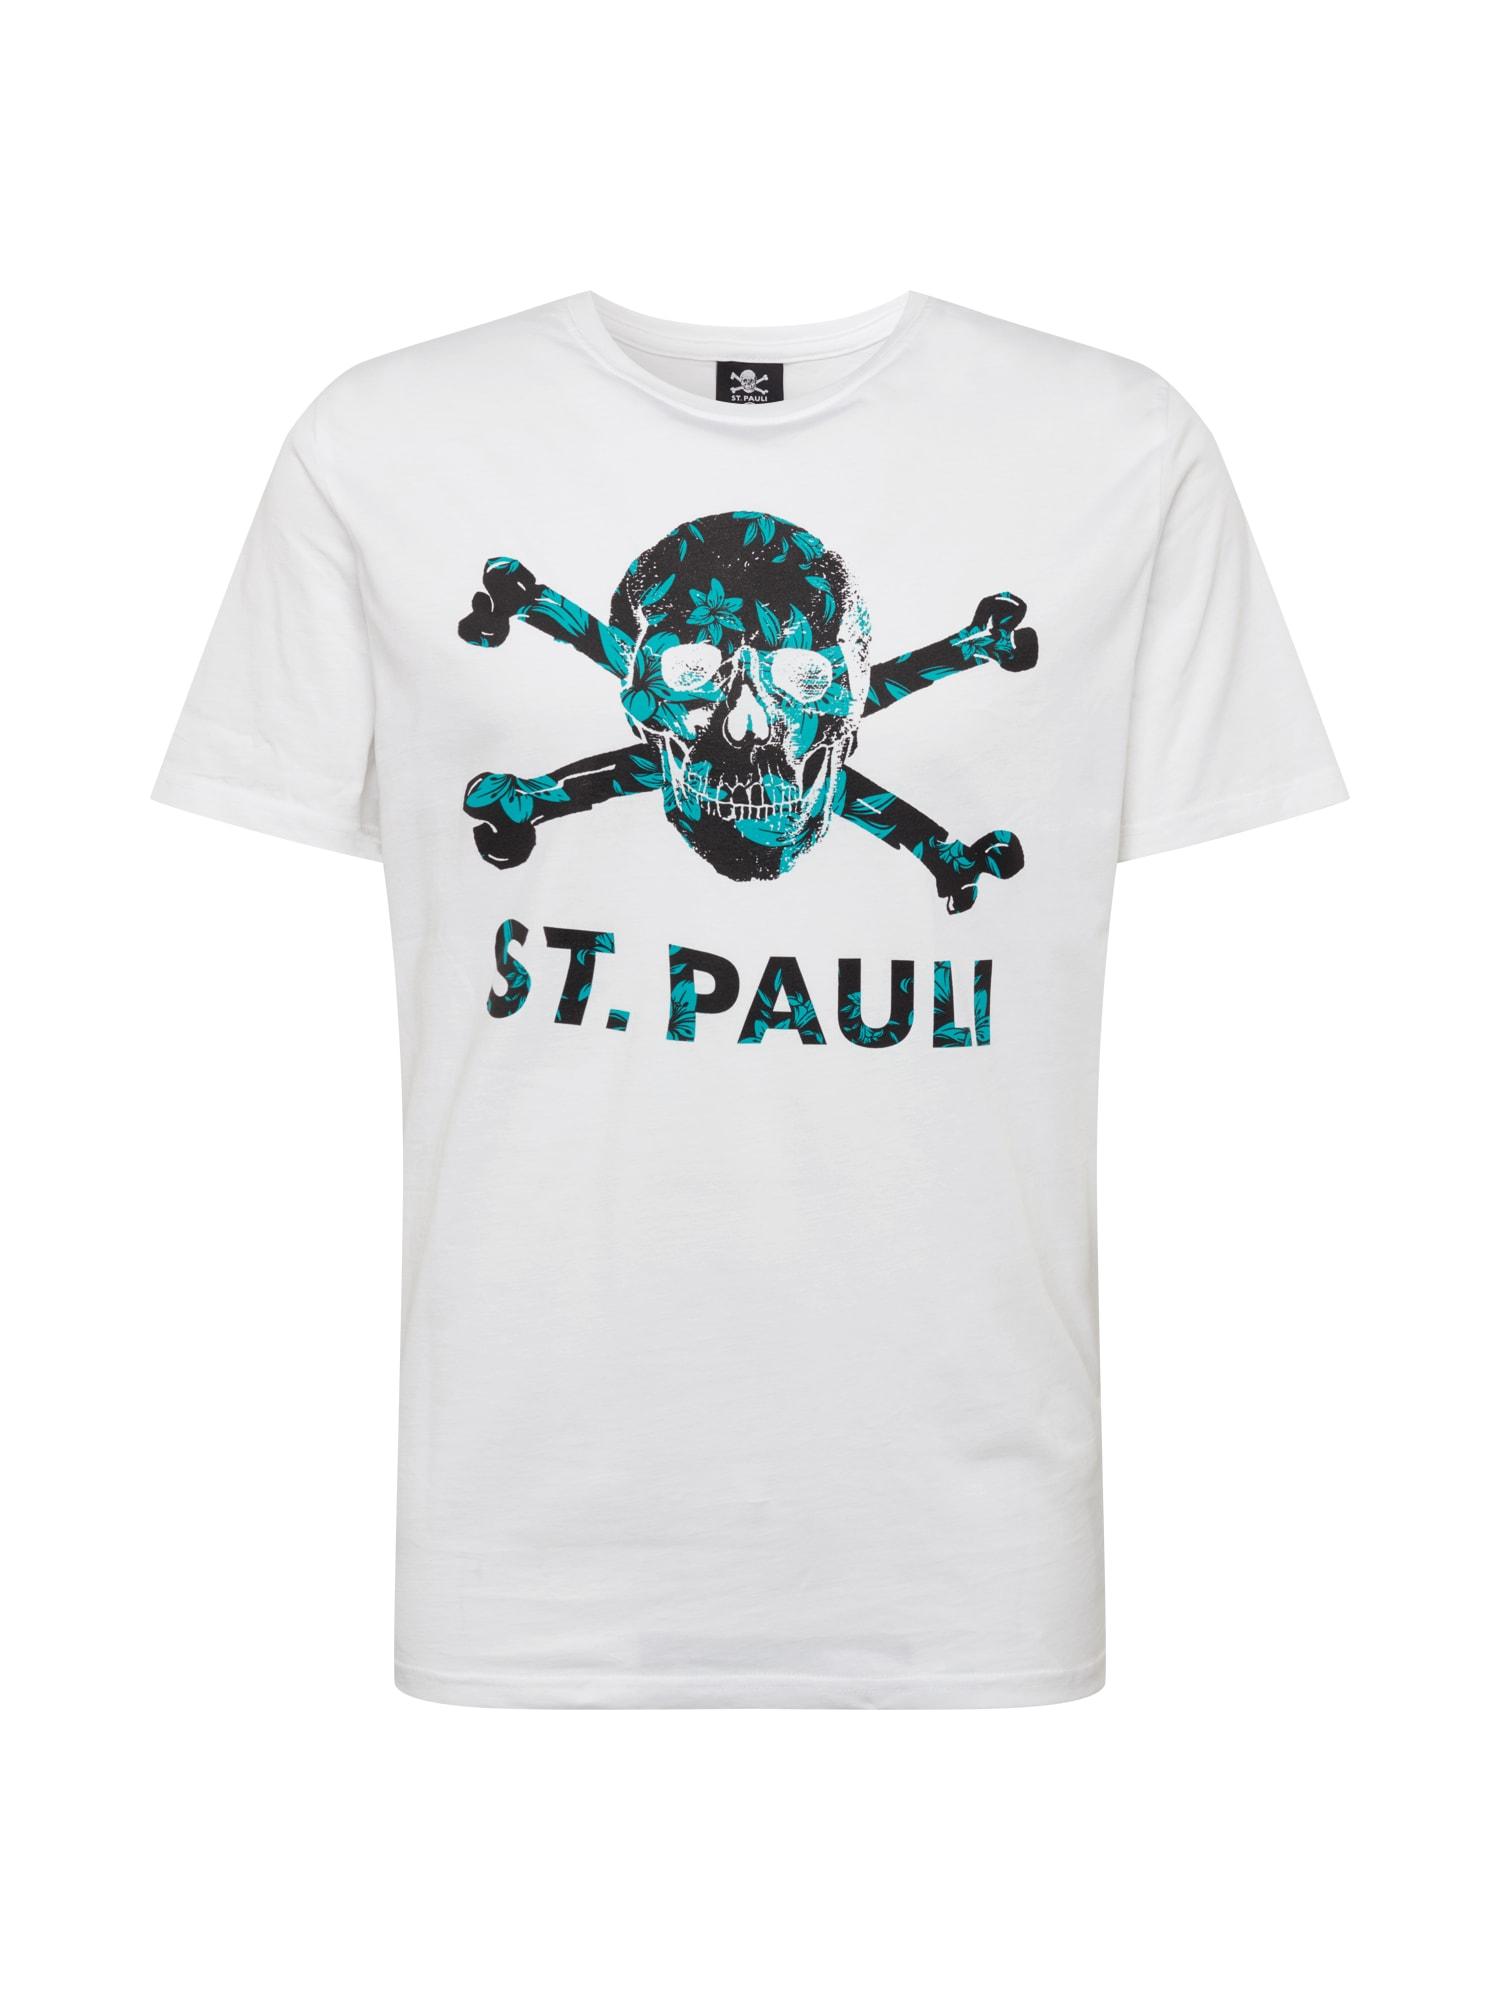 FC St. Pauli Marškinėliai juoda / balta / turkio spalva